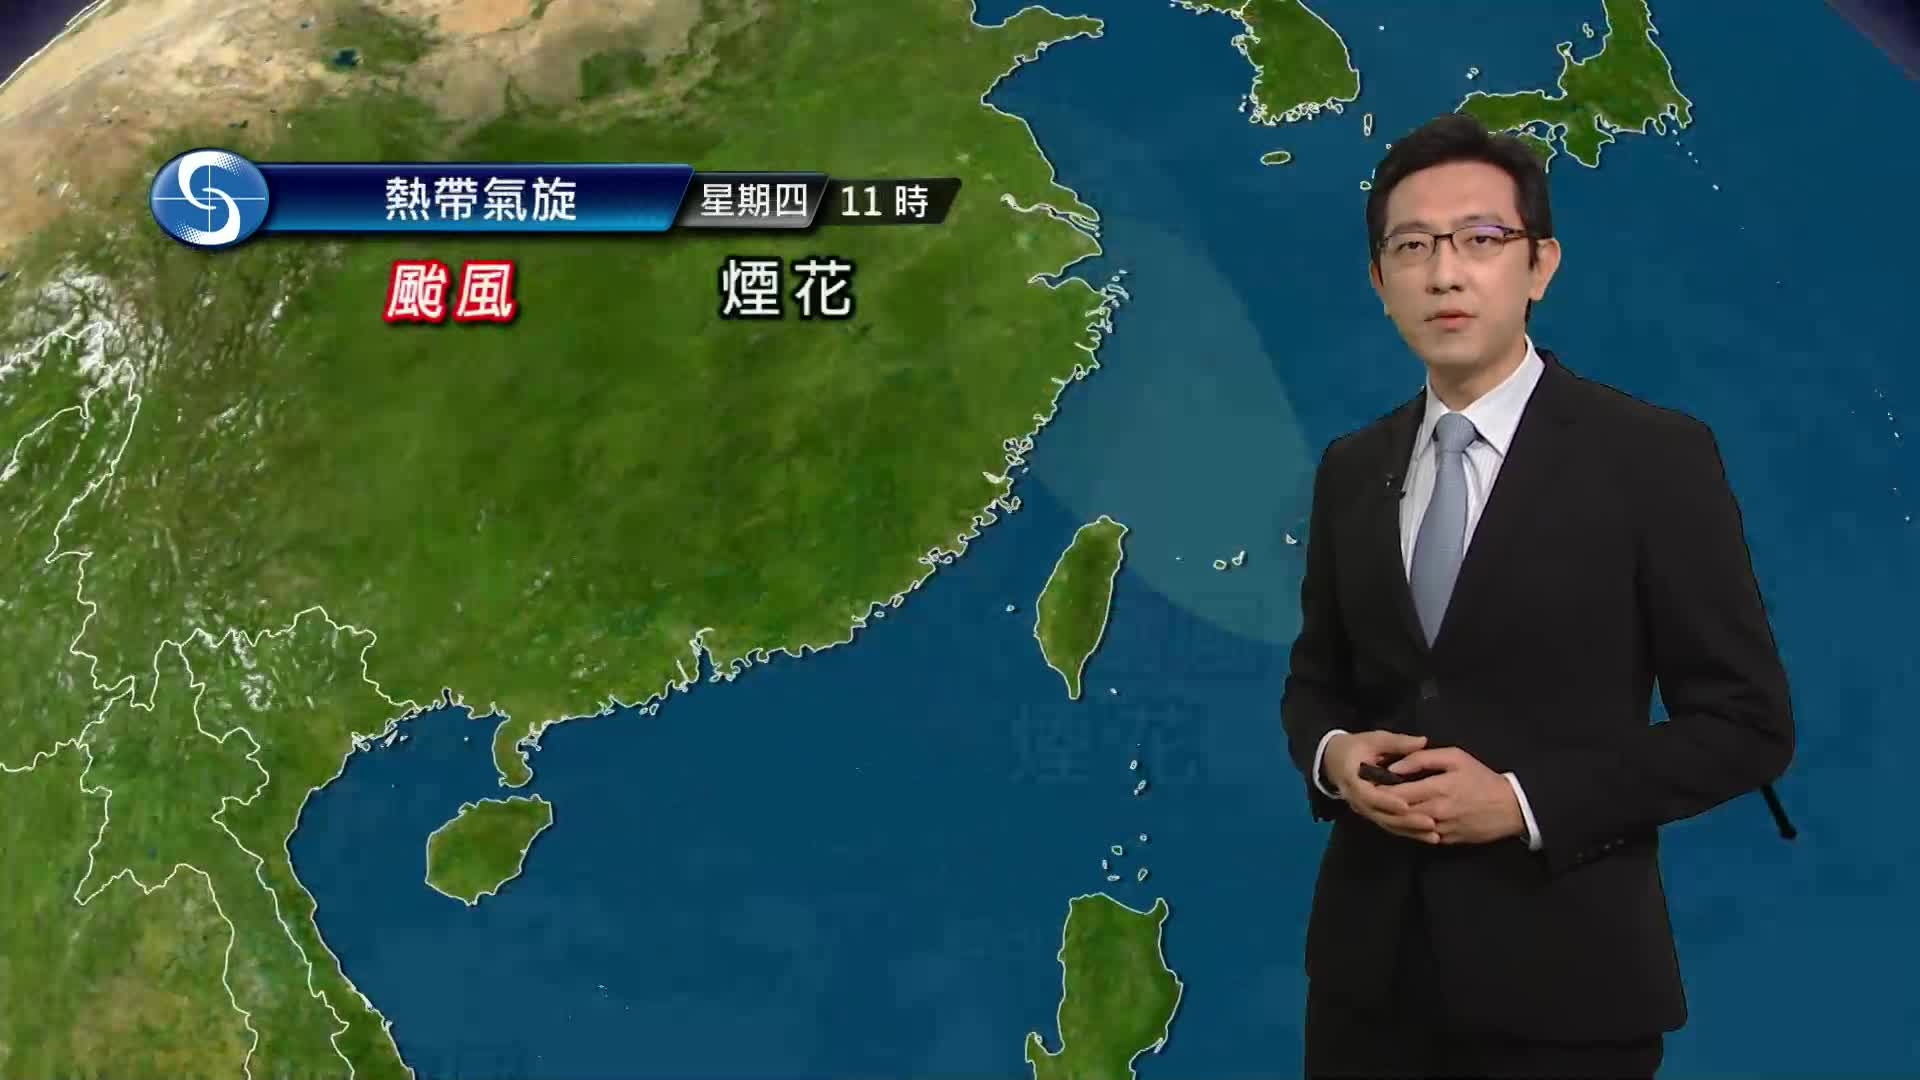 早晨天氣節目(07月22日上午7時) - 科學主任楊威龍